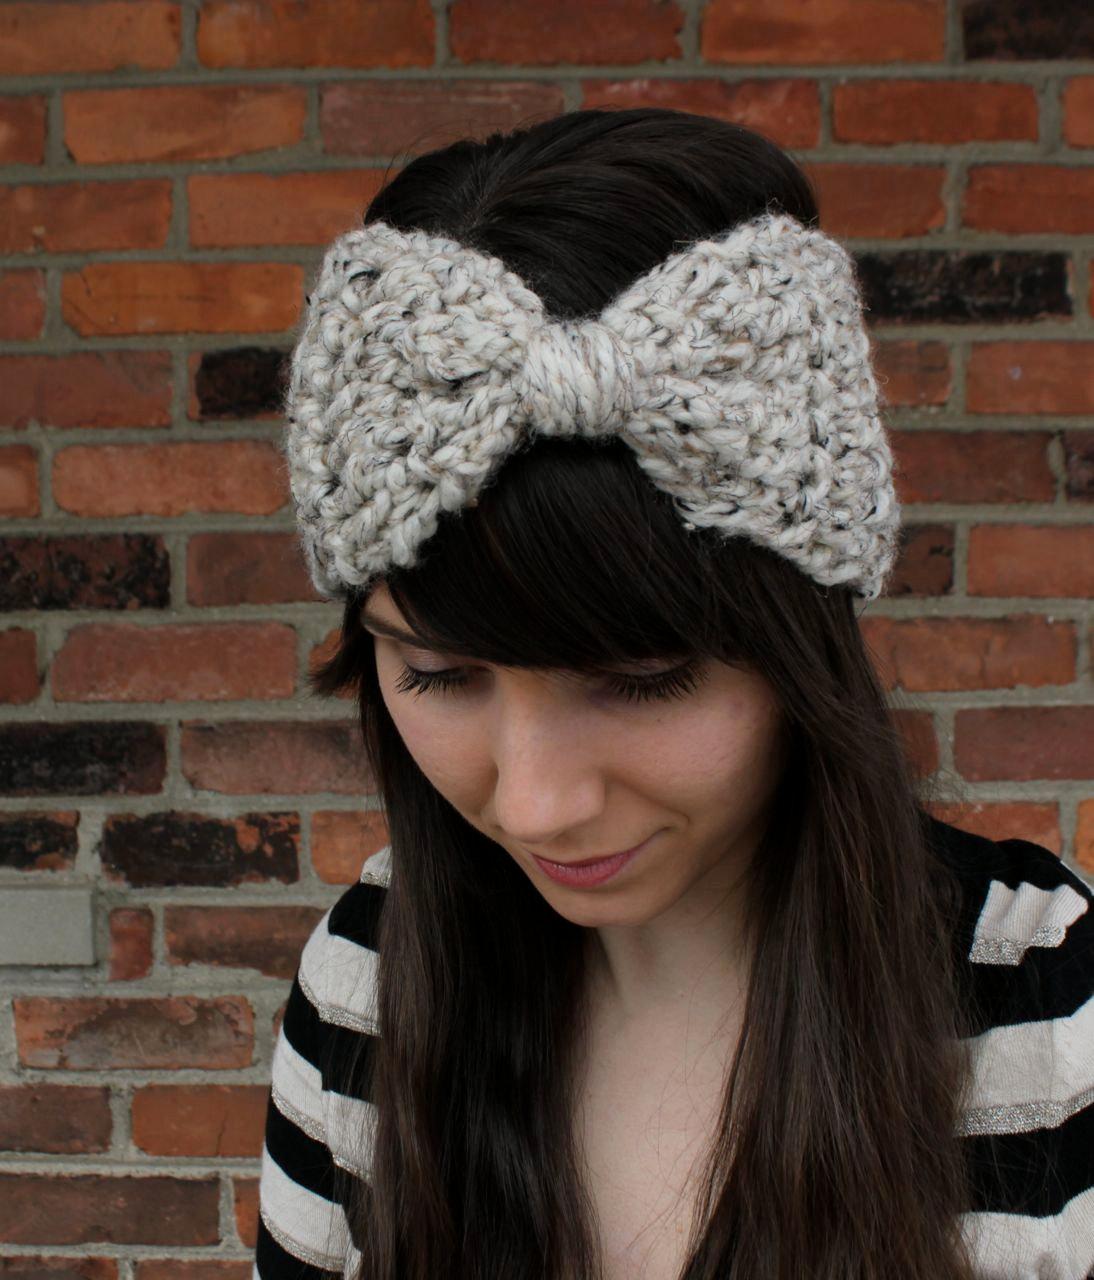 Earwarmer Knitting Patterns Head Bands Easy Knit Headband Ear Warmer Pattern Crochet And Knit